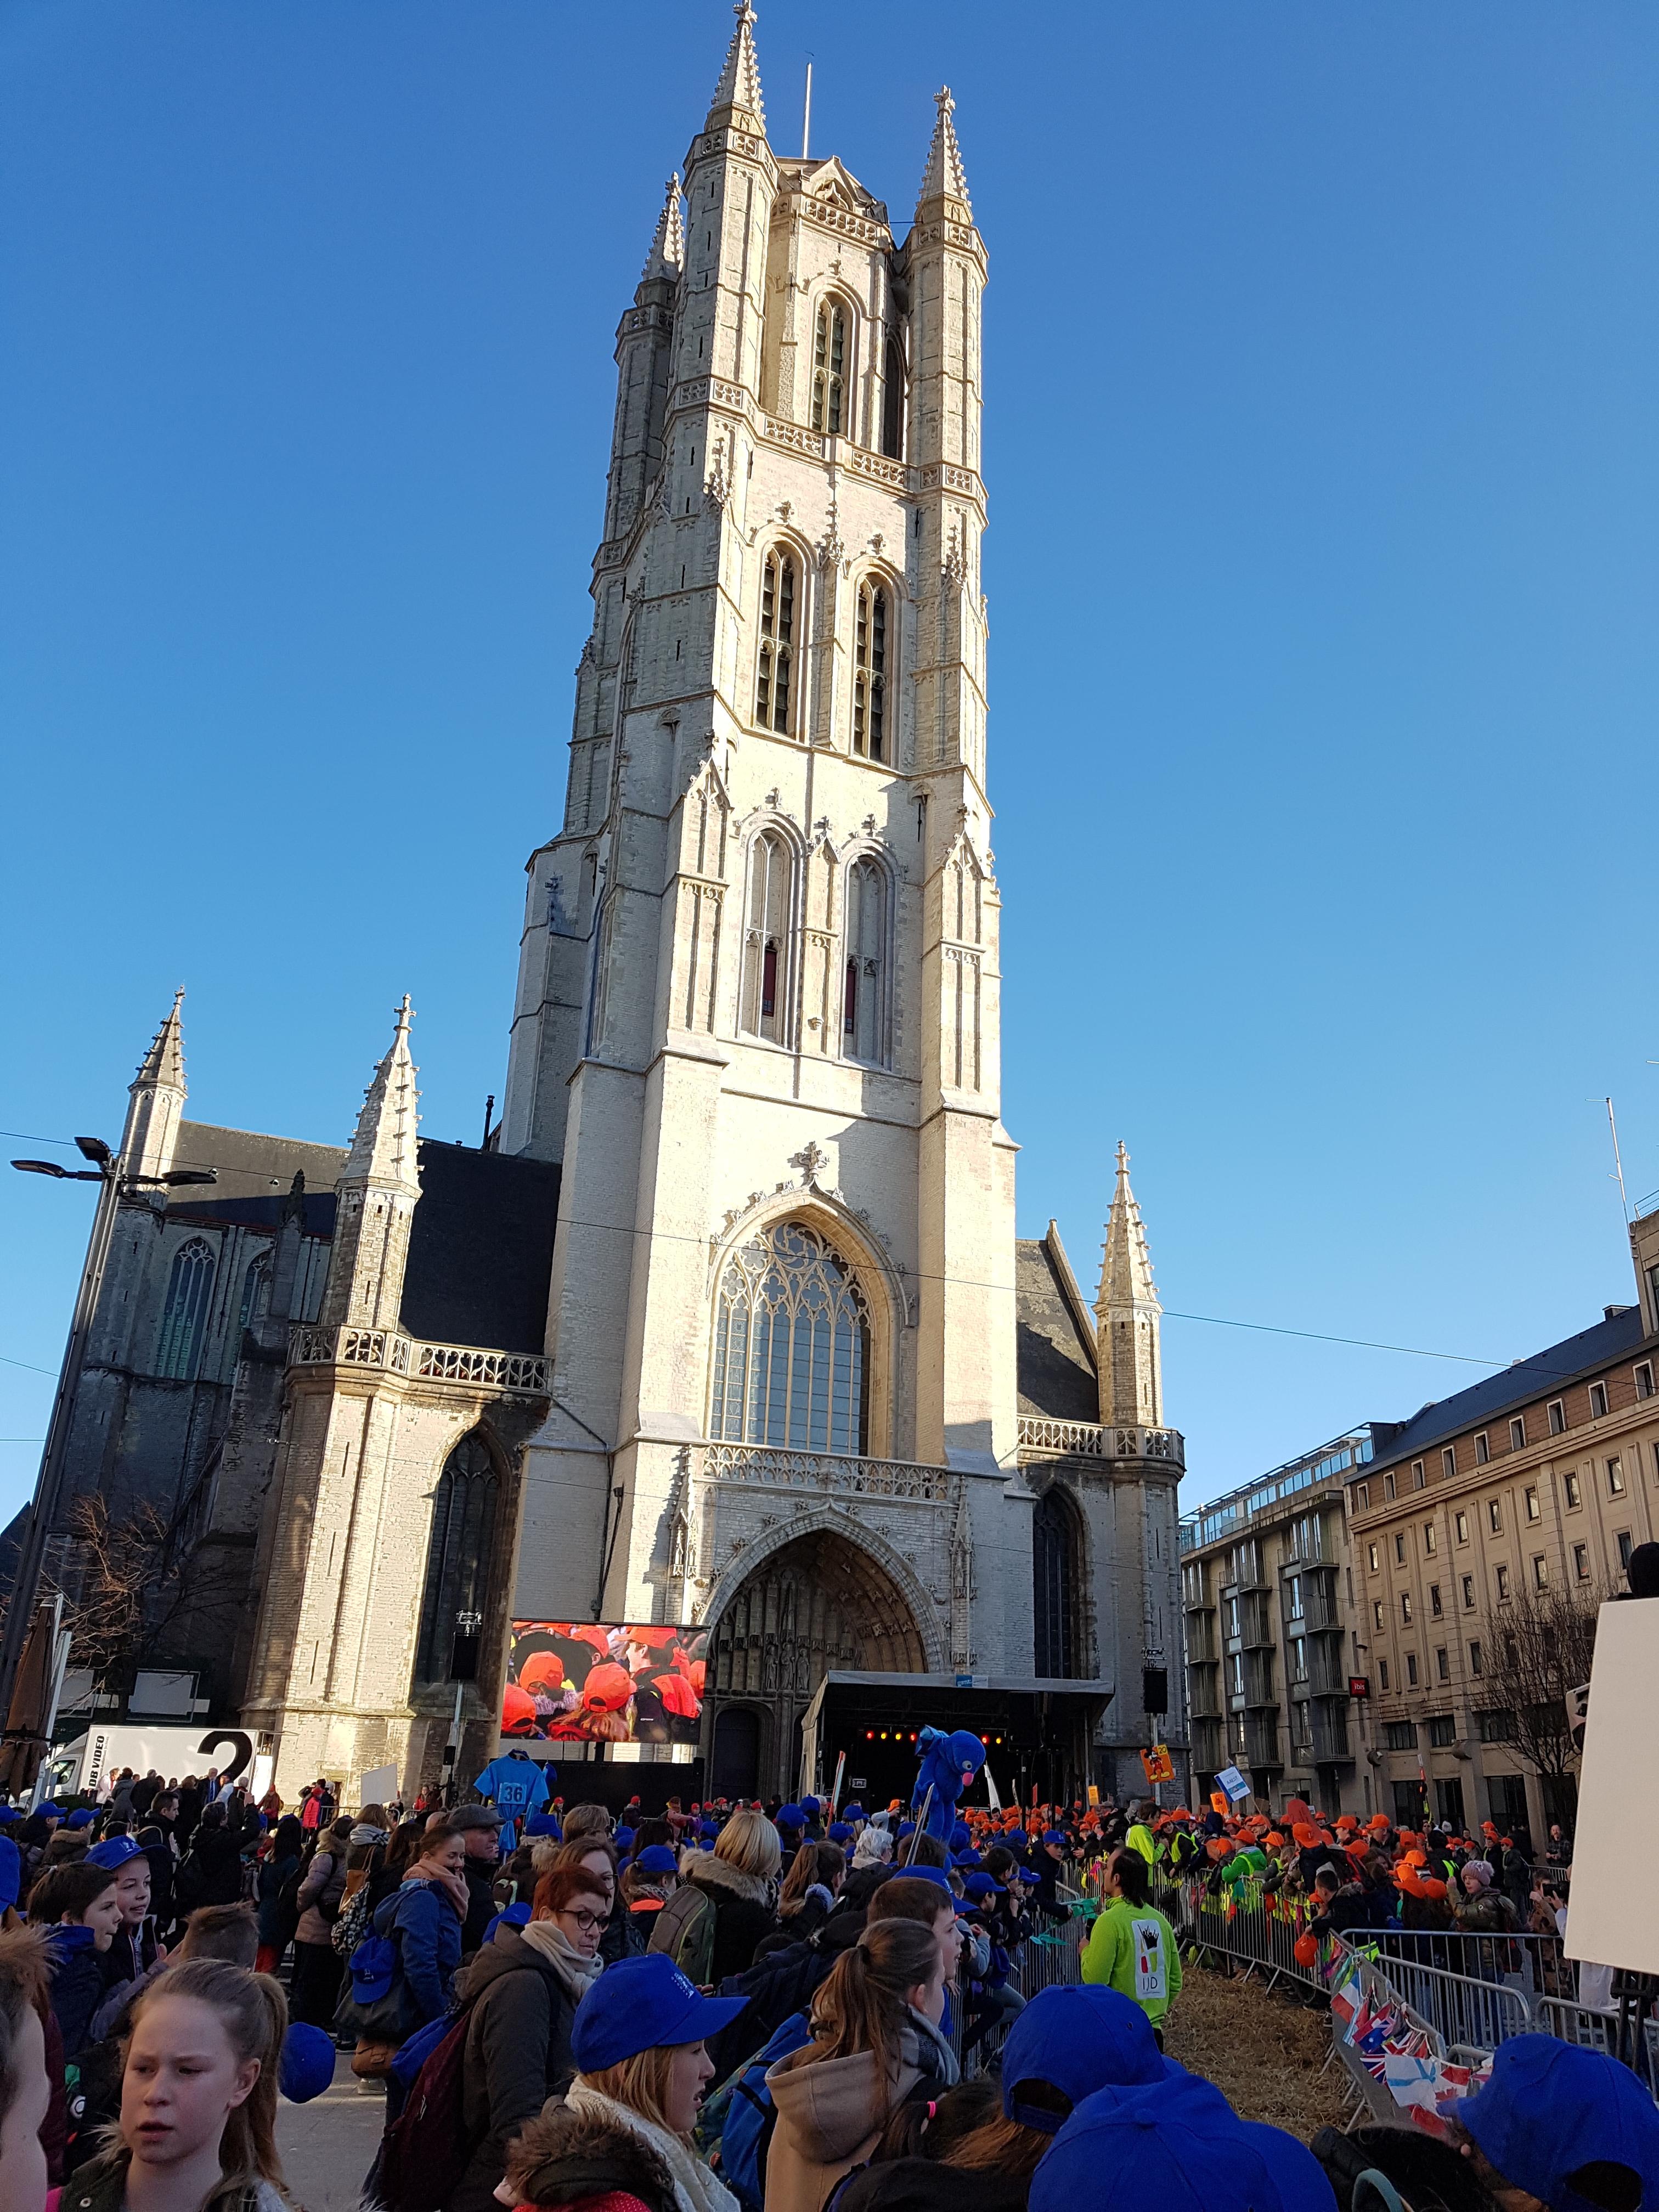 Het slotmoment had plaats op het Sint-Baafsplein, onder de toren van de kathedraal.